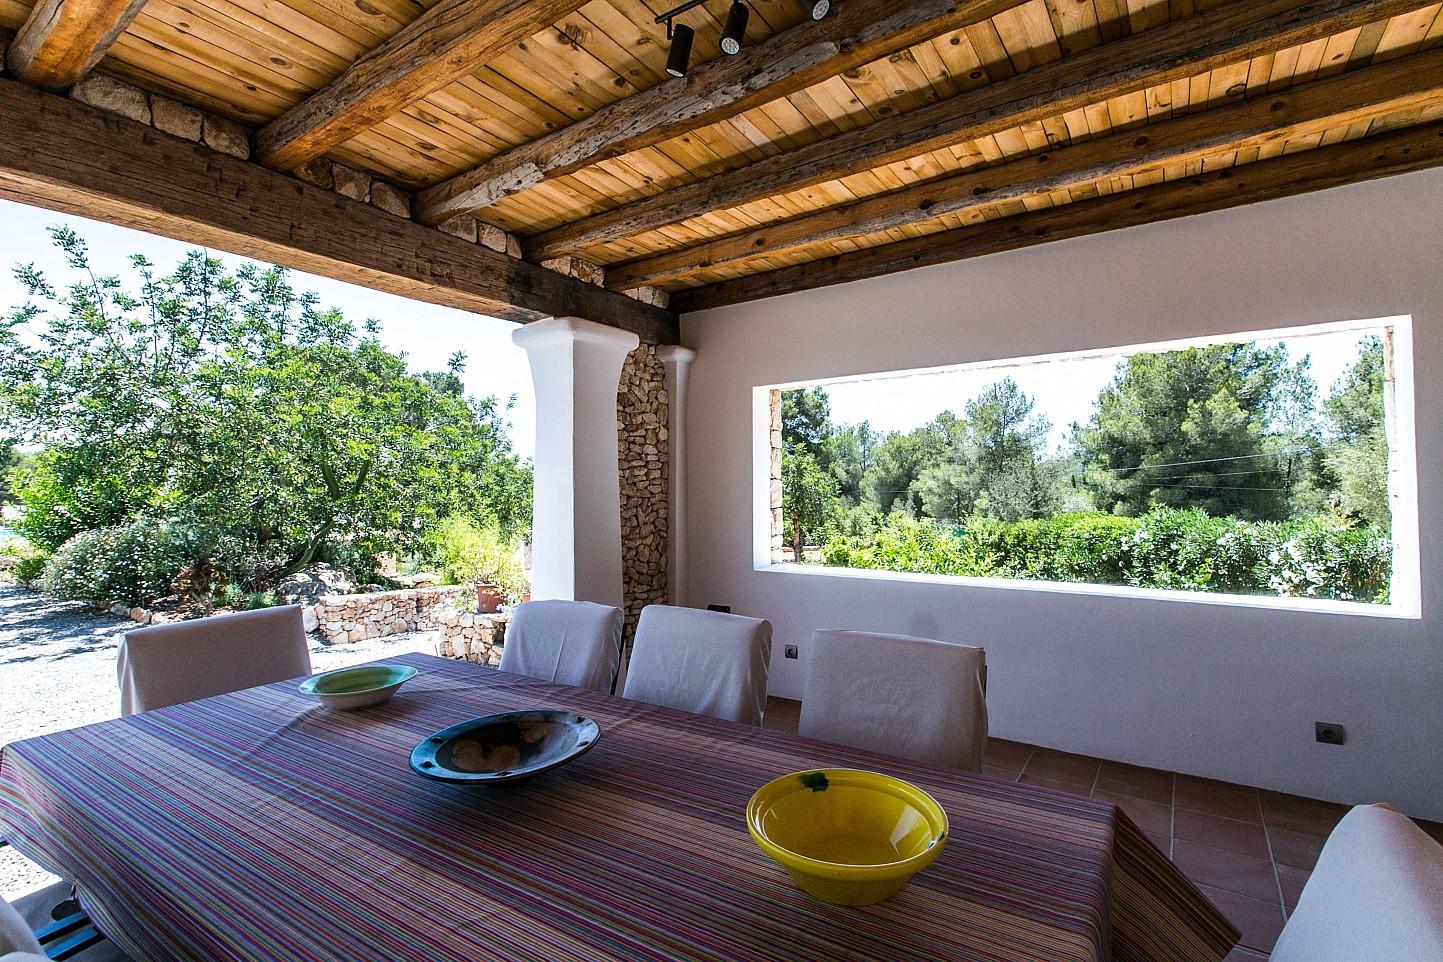 Exclusivo porche con vistas exteriores en sensacional casa en alquiler situada en Ibiza